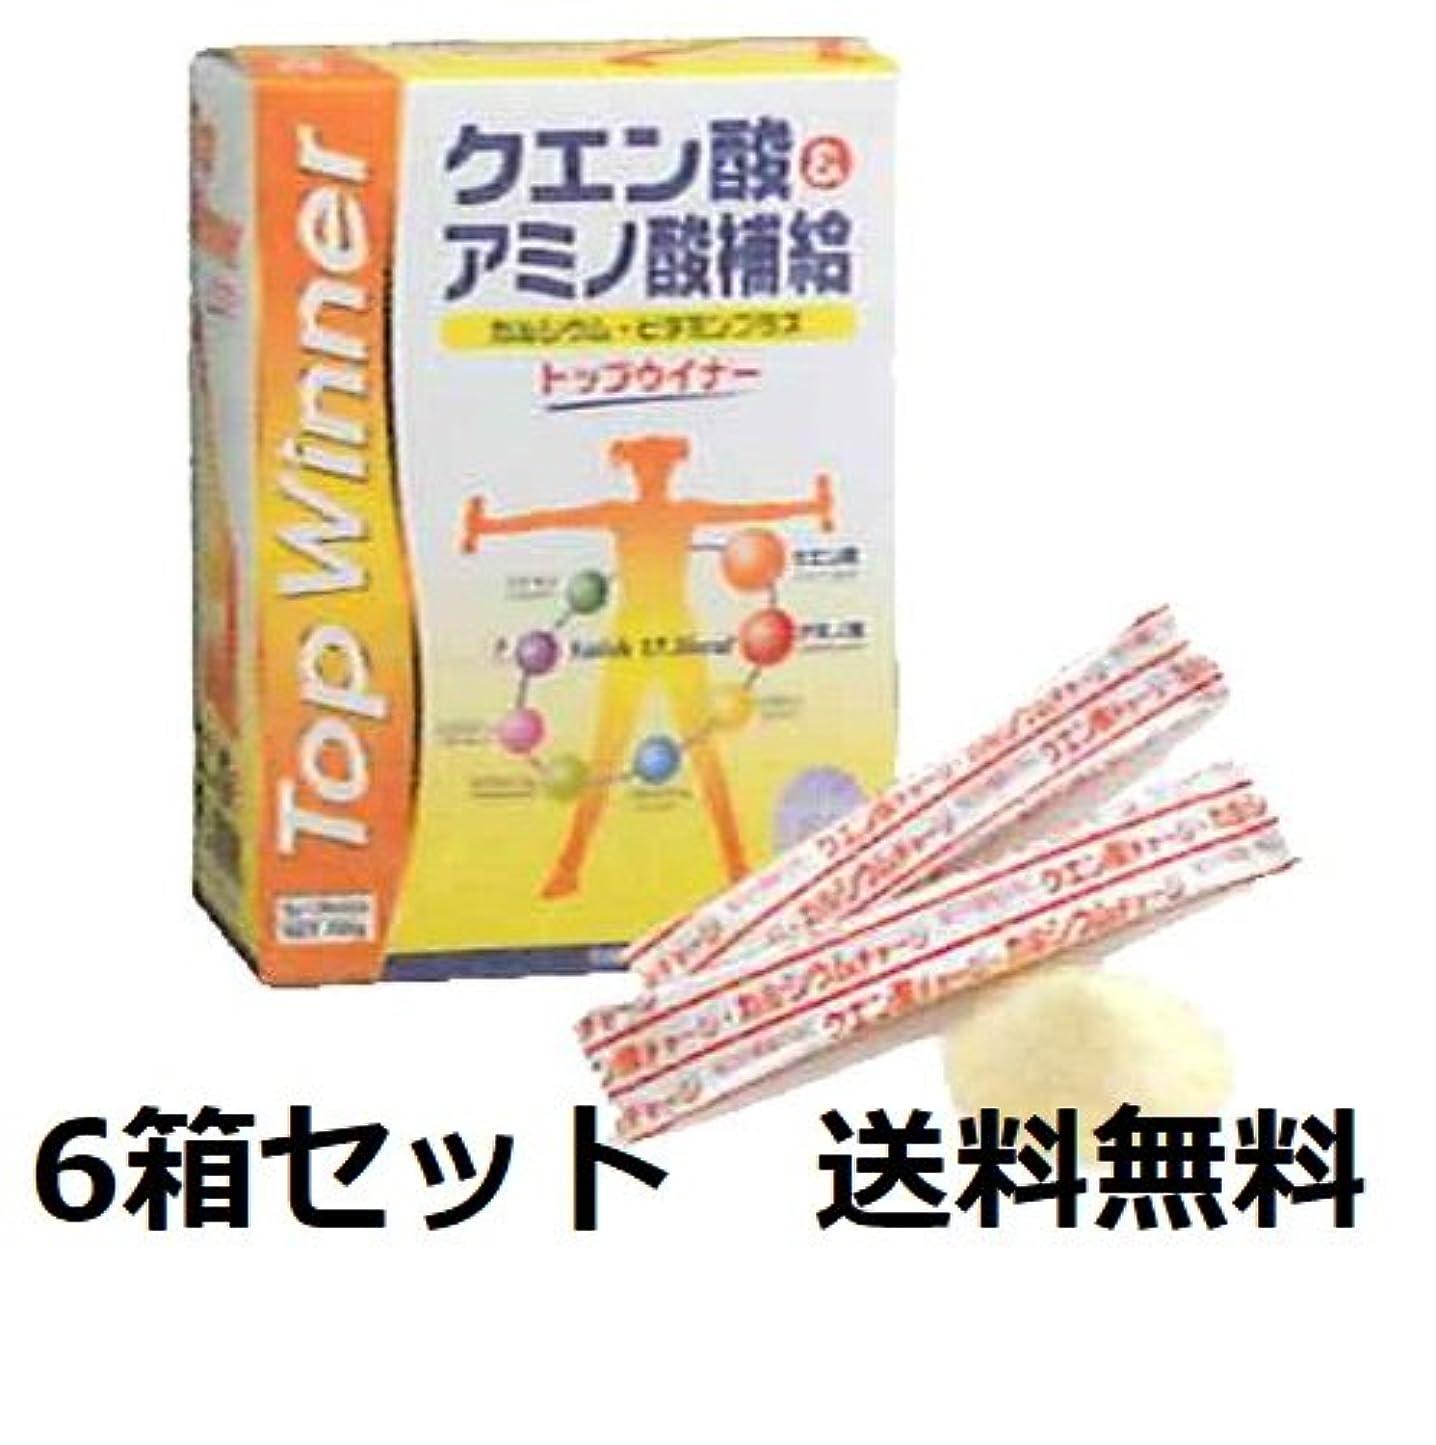 情緒的コマース生まれトップウイナー 6箱セット アミノ酸?クエン酸飲料 5g×30本入(150g)×6箱